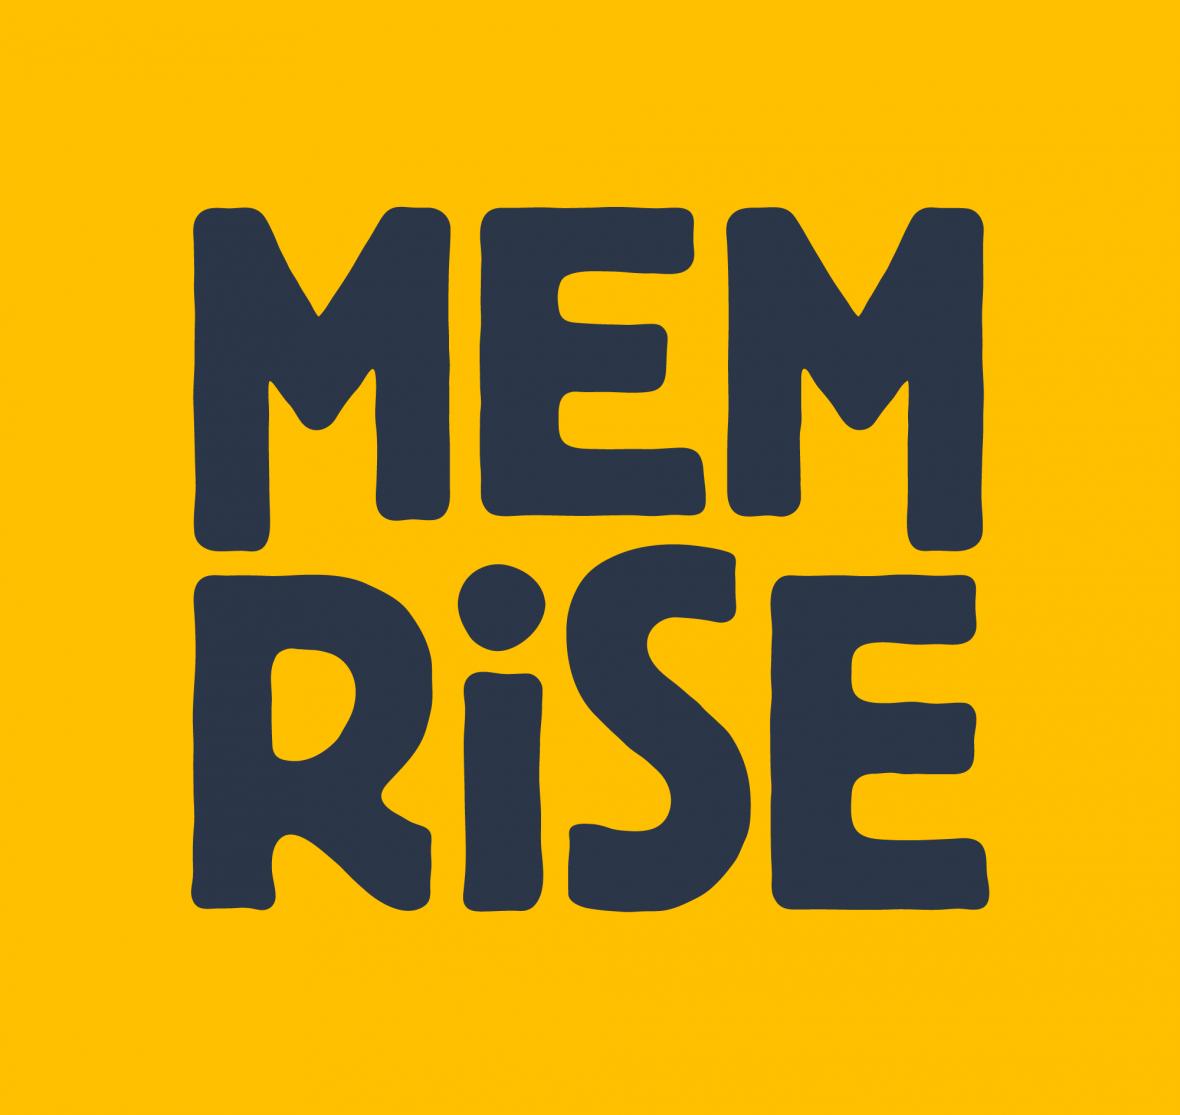 دانلود Memrise 2.94.23724 - اپلیکیشن فوق العاده آموزش زبان